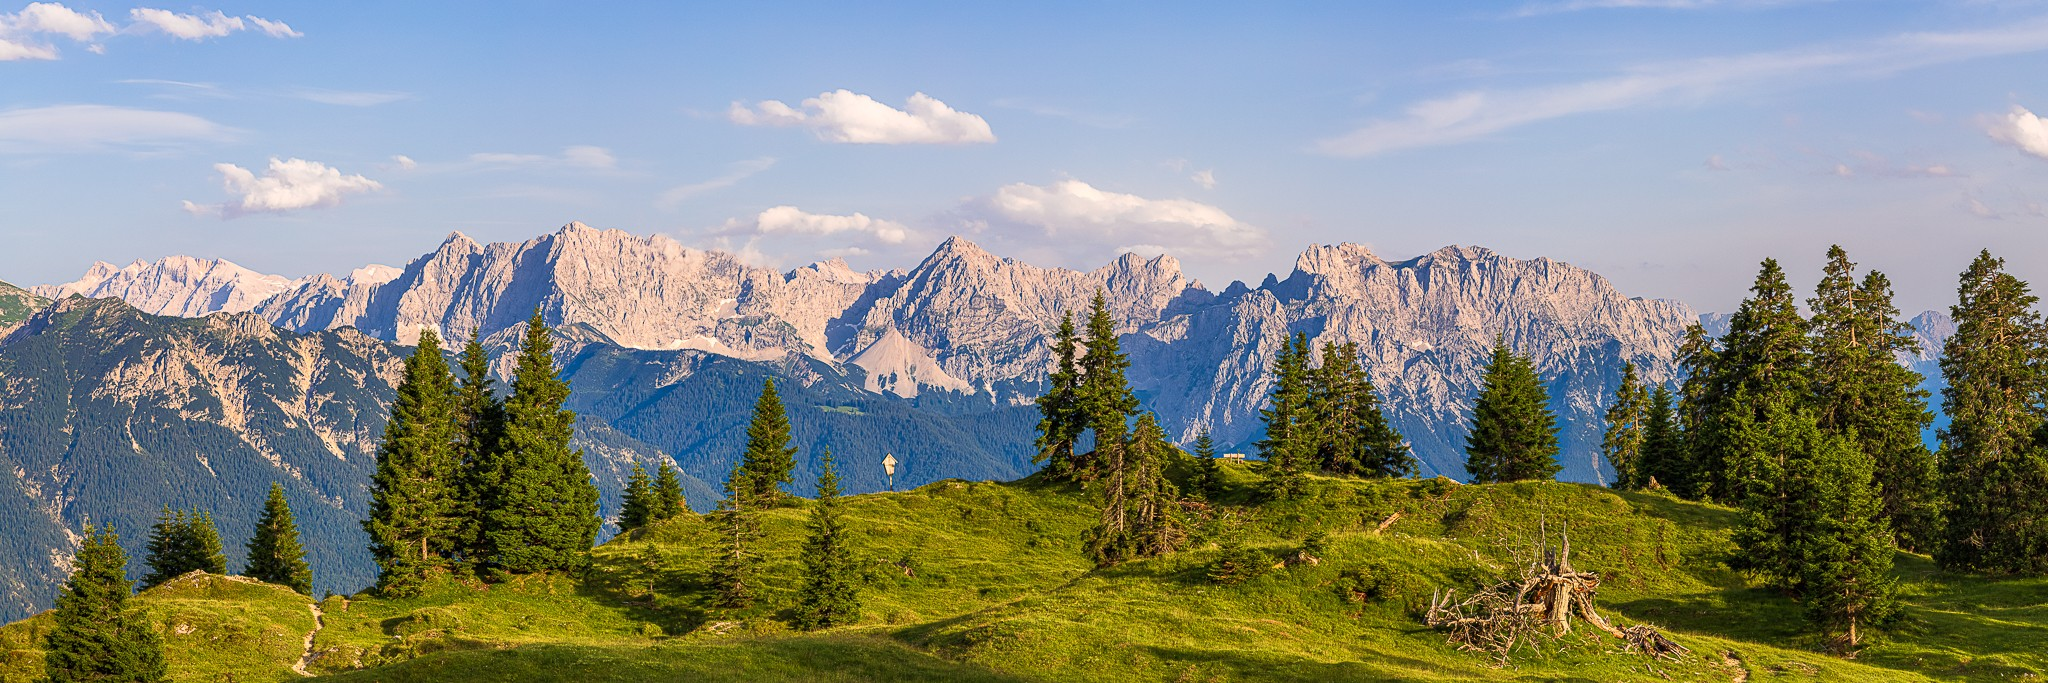 Goldene Stunde auf der Almwiese mit einzeln stehenden Bäumen. Blick auf das Karwendelgebirge mit Hoher Wörner, Tifkarspitze, Westliche Karwendelspitze, Viererspitze und Linderspitze